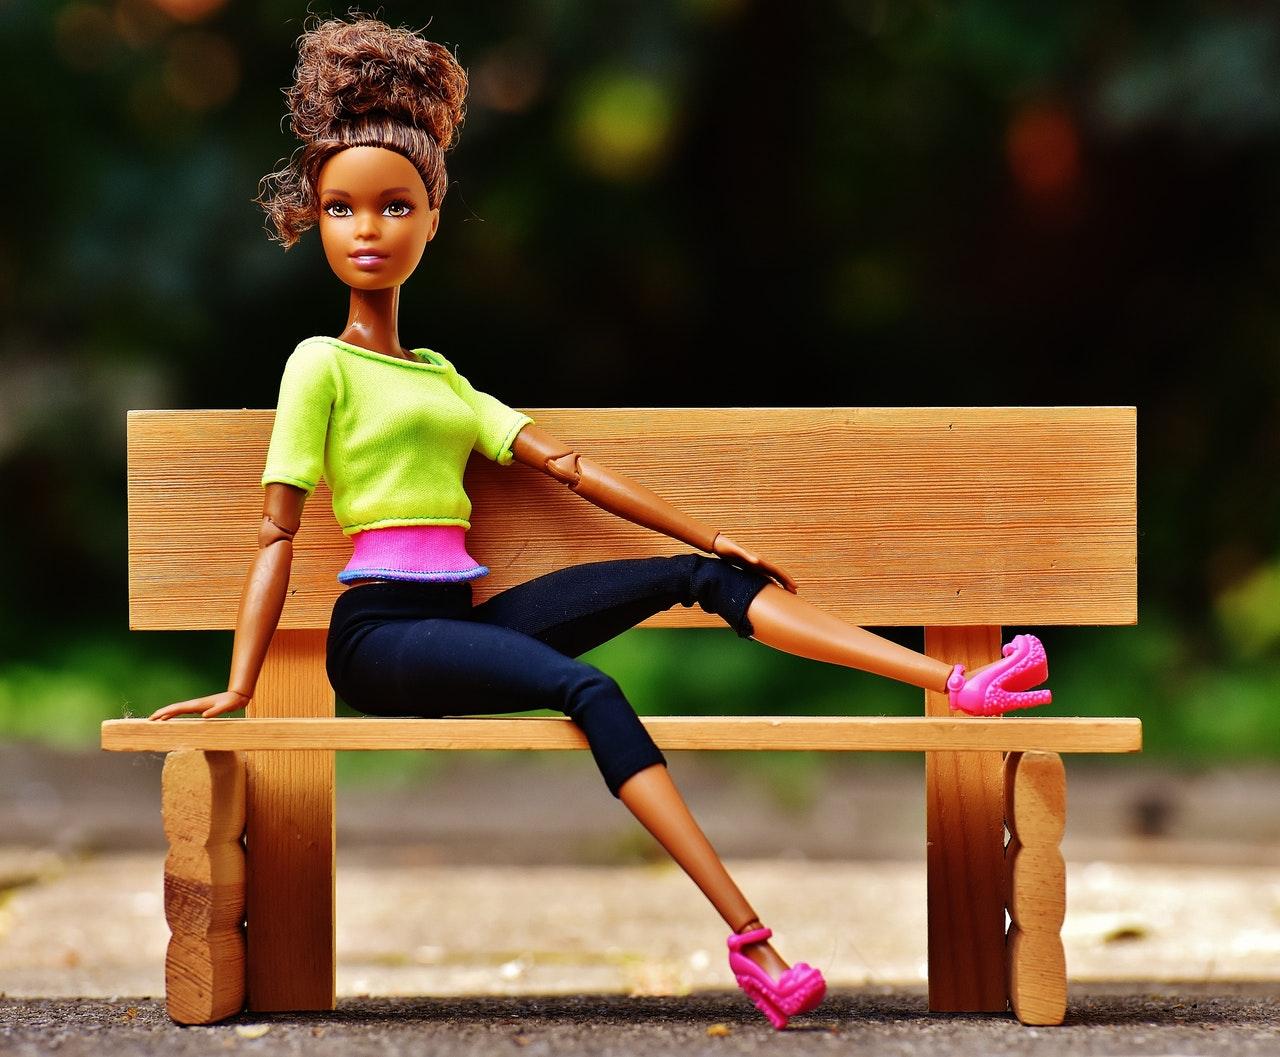 Barbie bestaat 60 jaar. Zij blijft jong, wij worden oud.